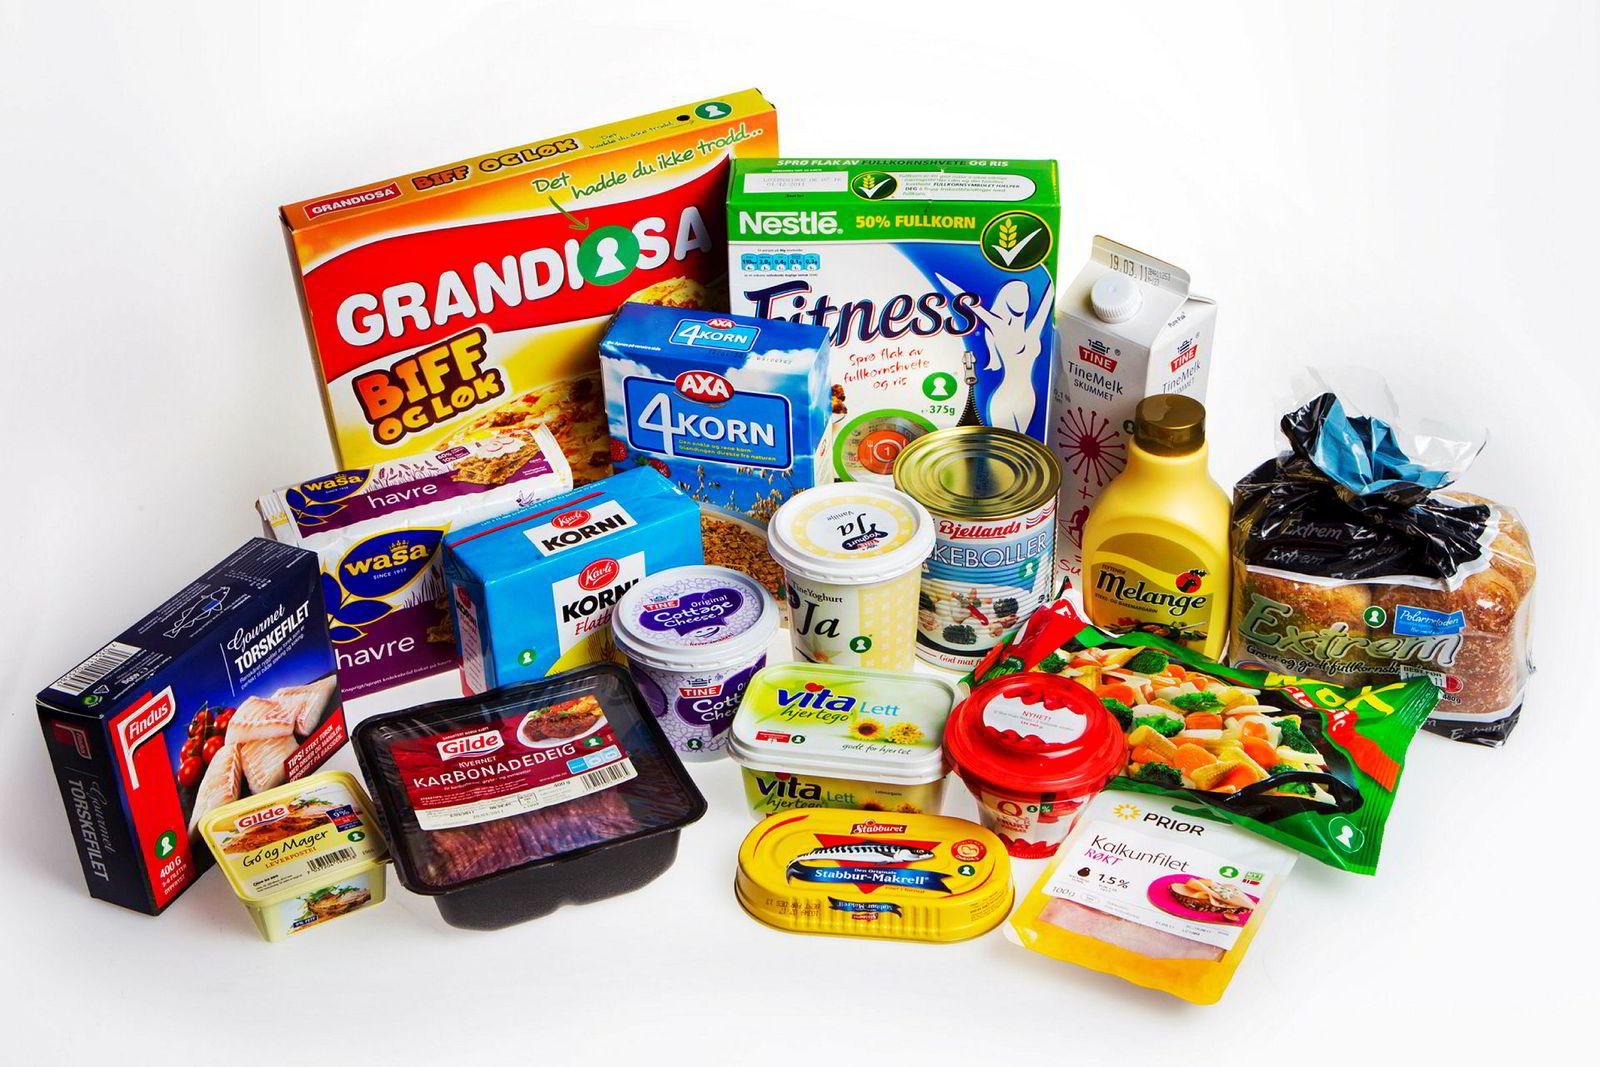 Lenge har man kunnet velge sunnere eller økologiske produkter på grunn av merking. Nå bør også merking innføres for klimaavtrykket til matvarene.